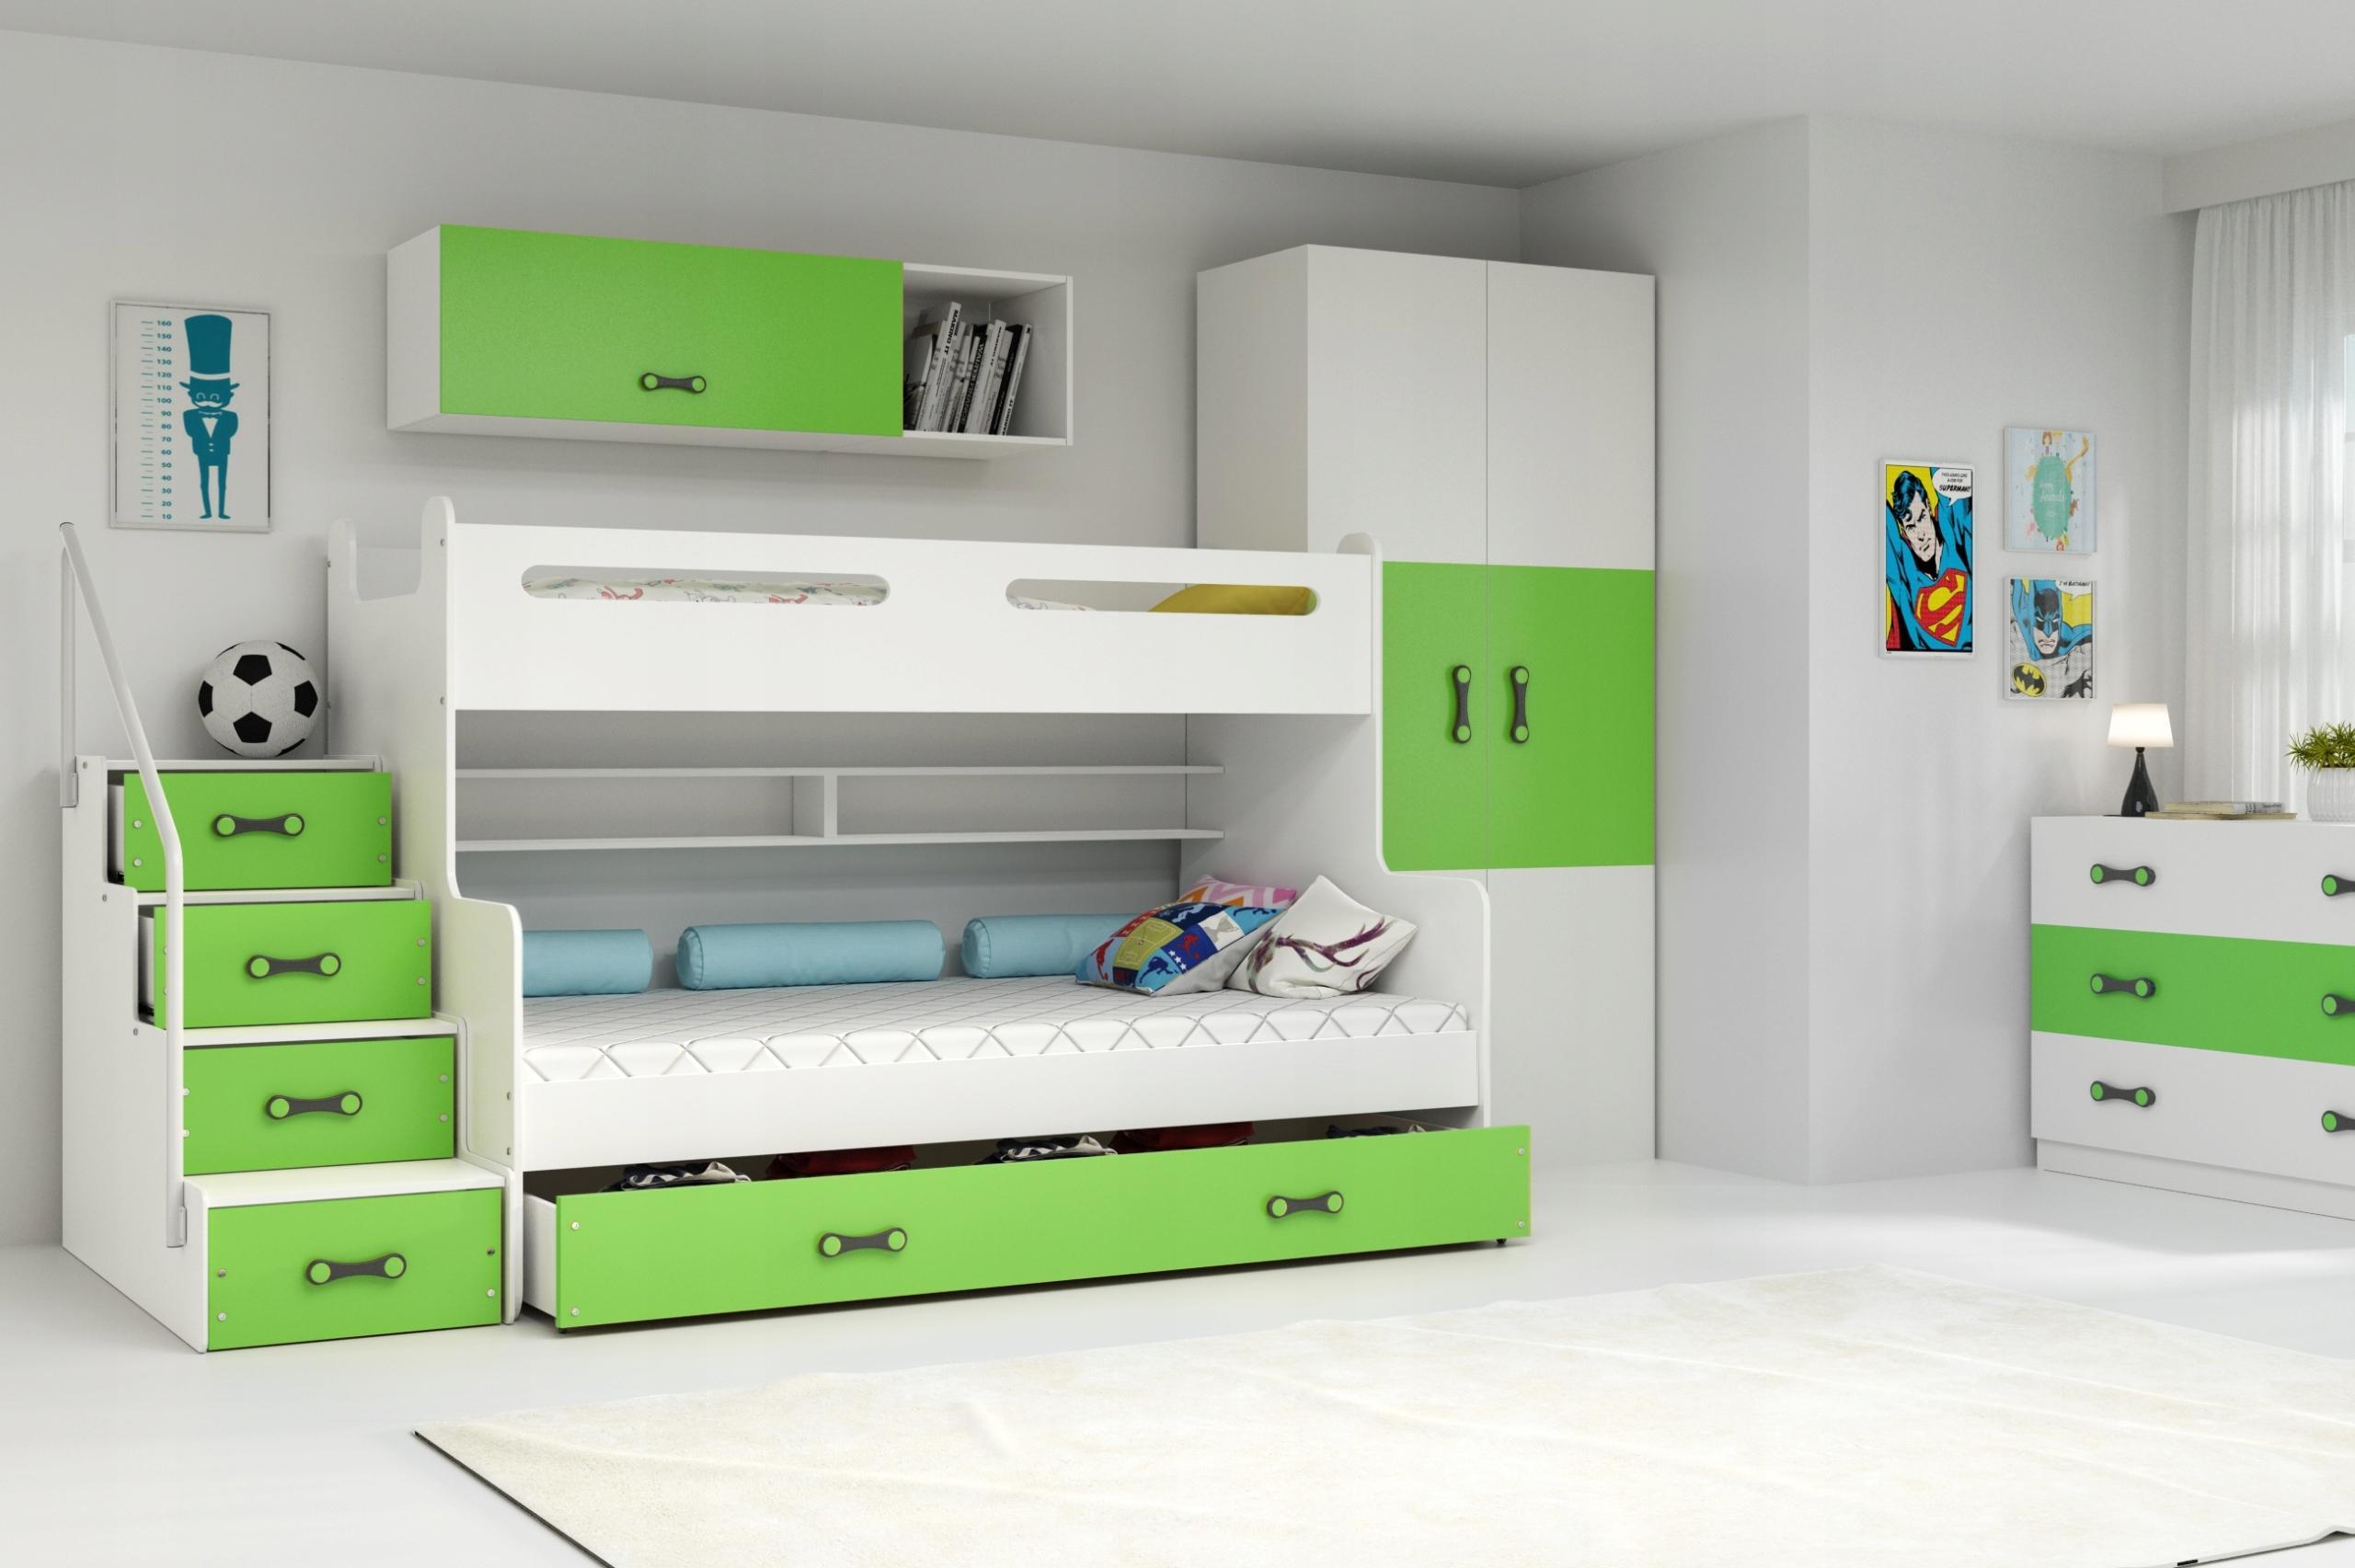 MAX 3 - Poschodová posteľ rozšírená - 200x120cm - Biely - Zelený